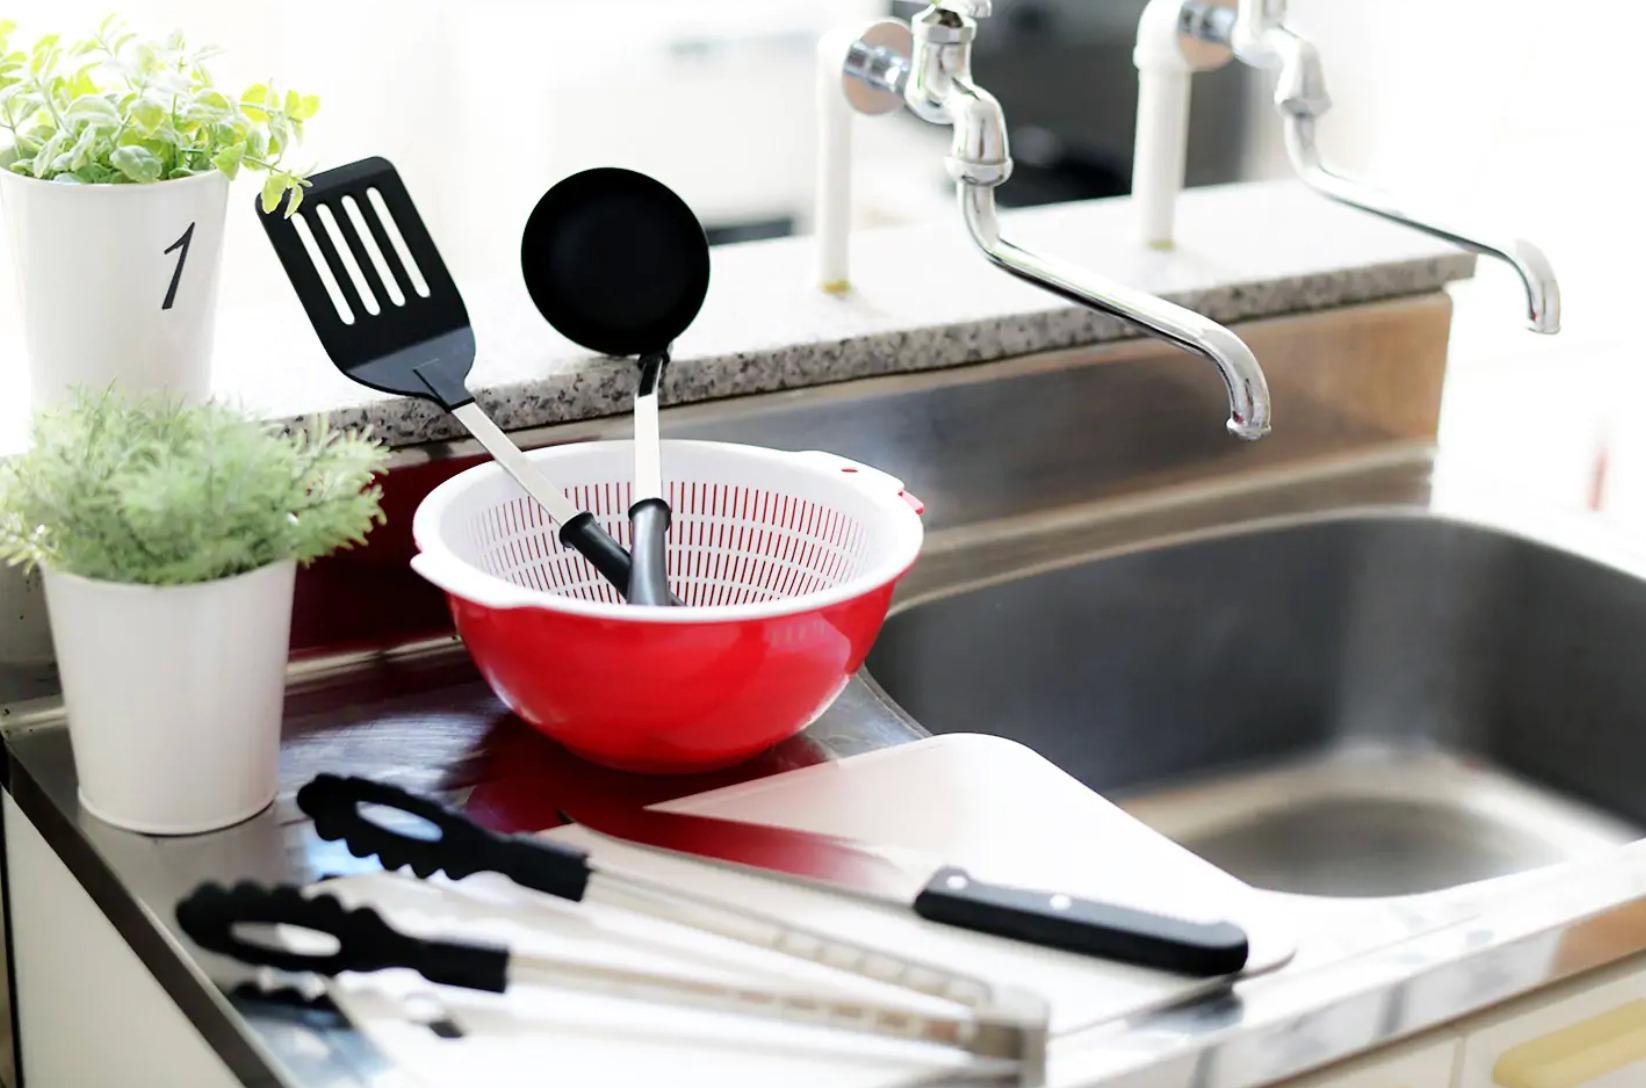 使いやすいキッチンでお料理を楽しんで